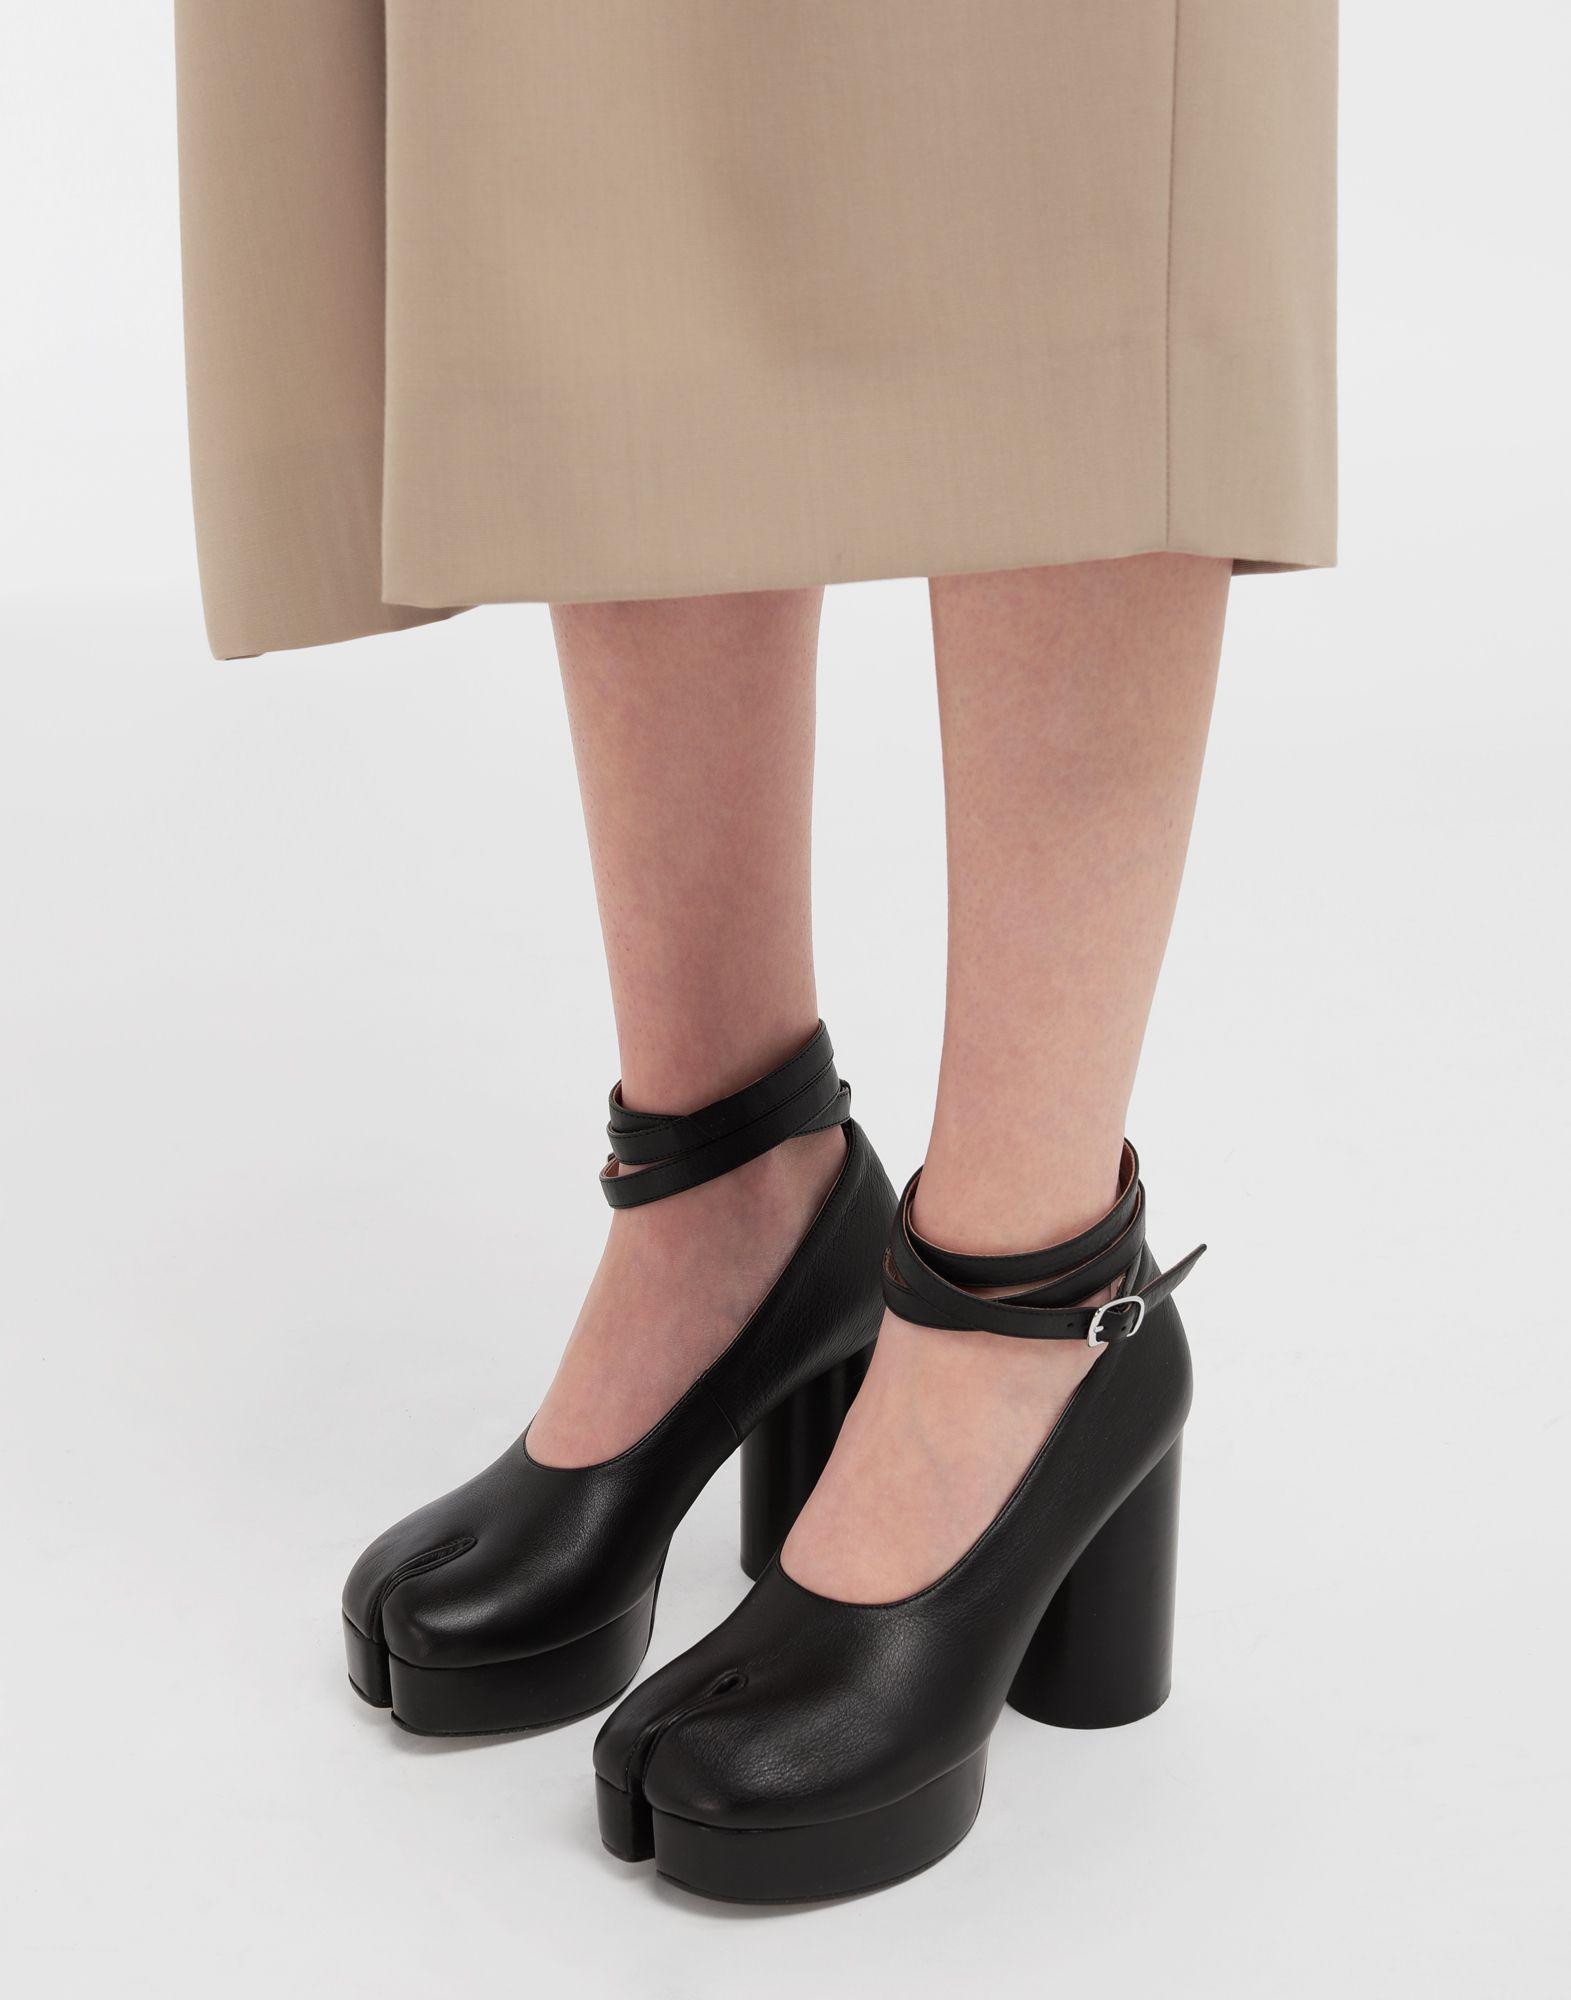 MAISON MARGIELA Tabi double strap leather sandals Pumps Woman b